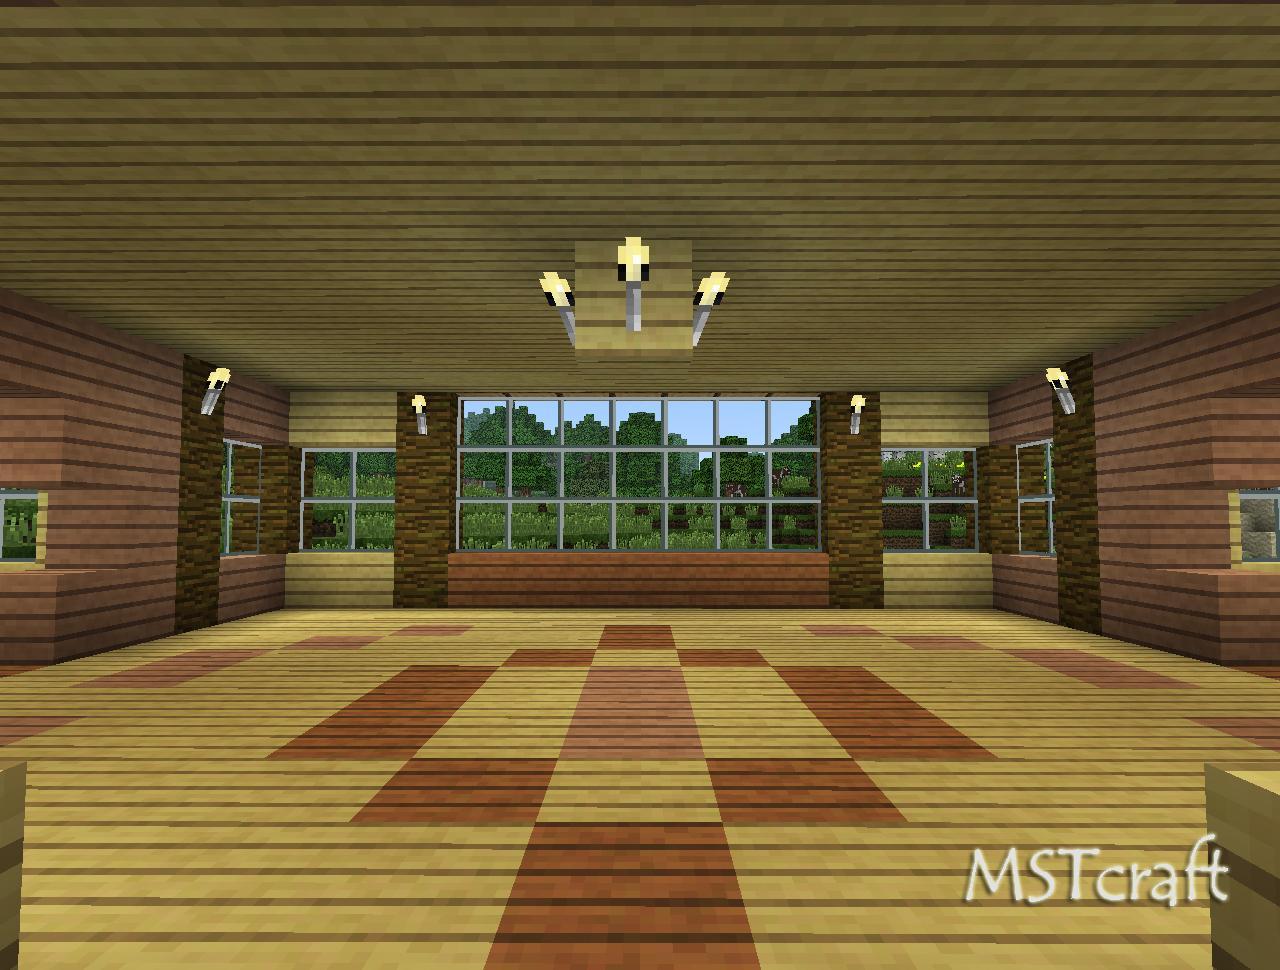 http://minecraft-forum.net/wp-content/uploads/2013/06/25f73__MSTCraft-texture-pack-3.jpg